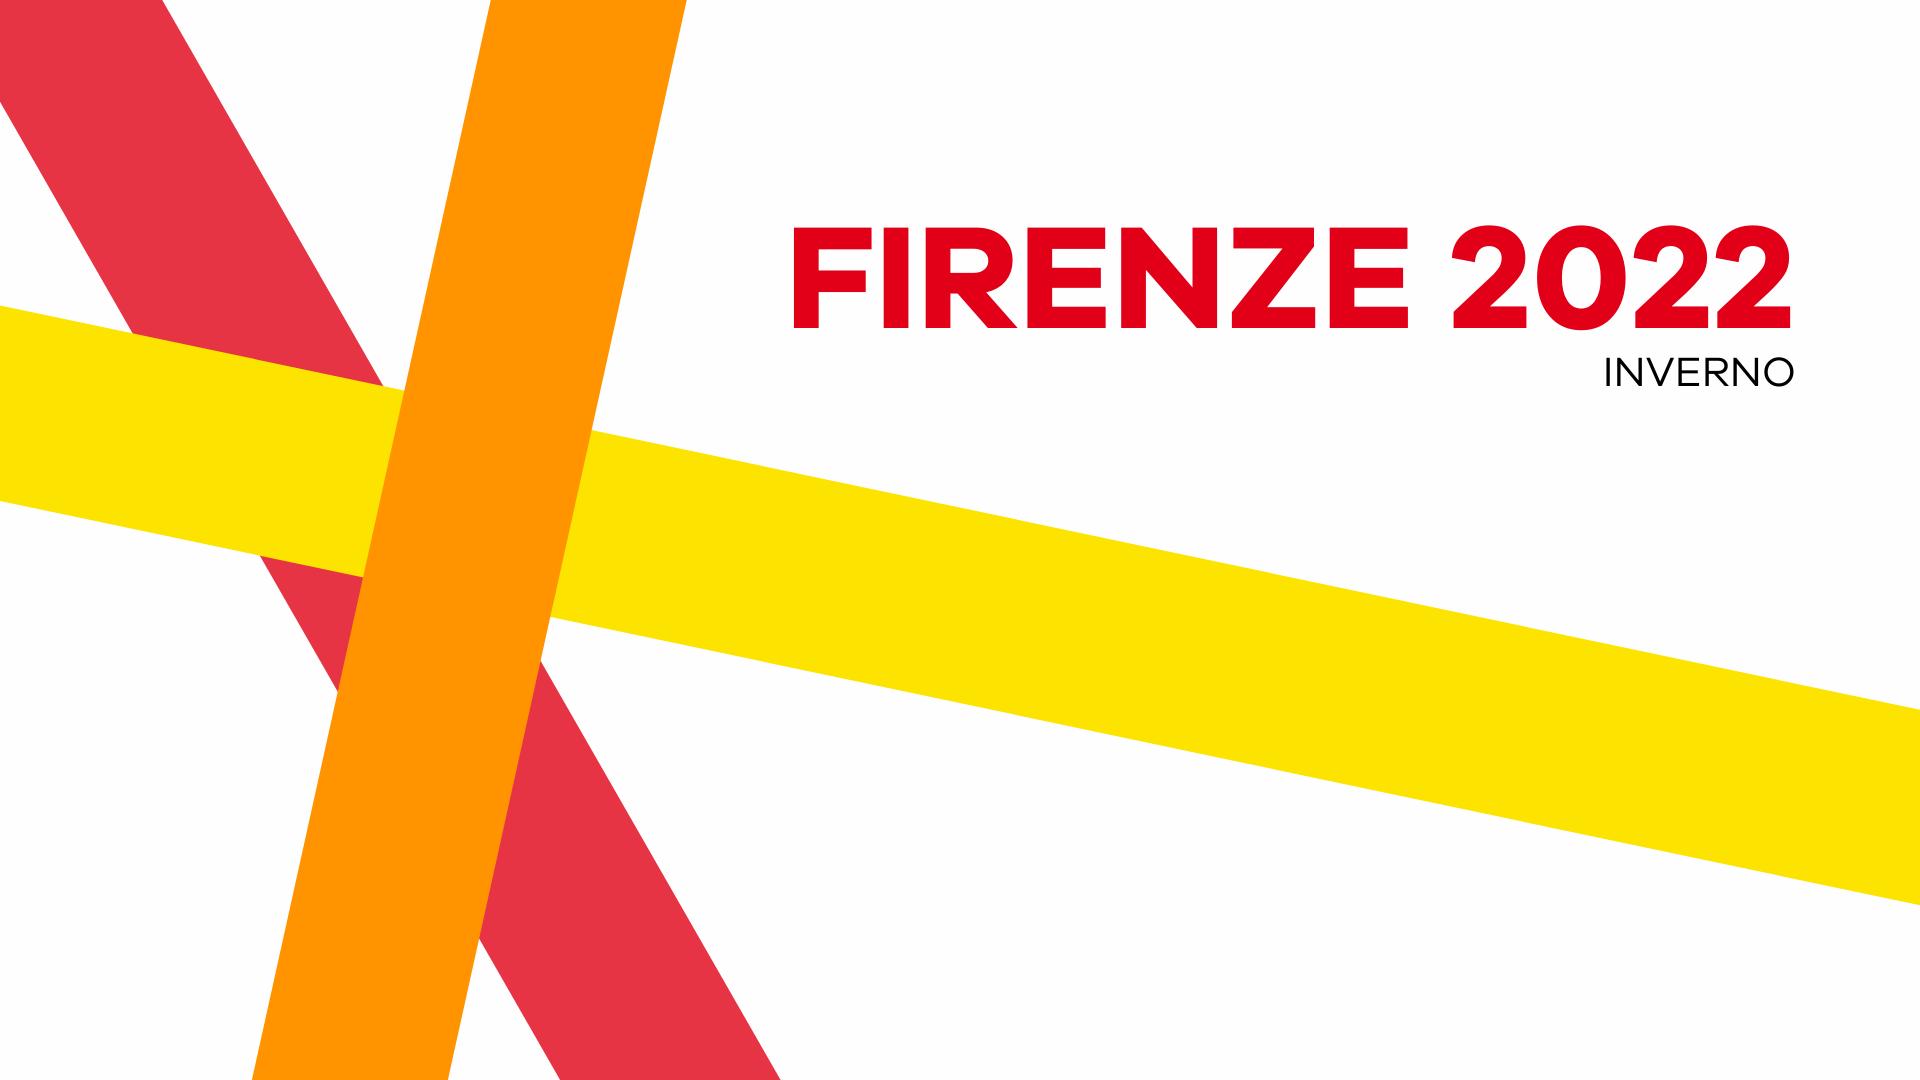 Firenze 2022 Online